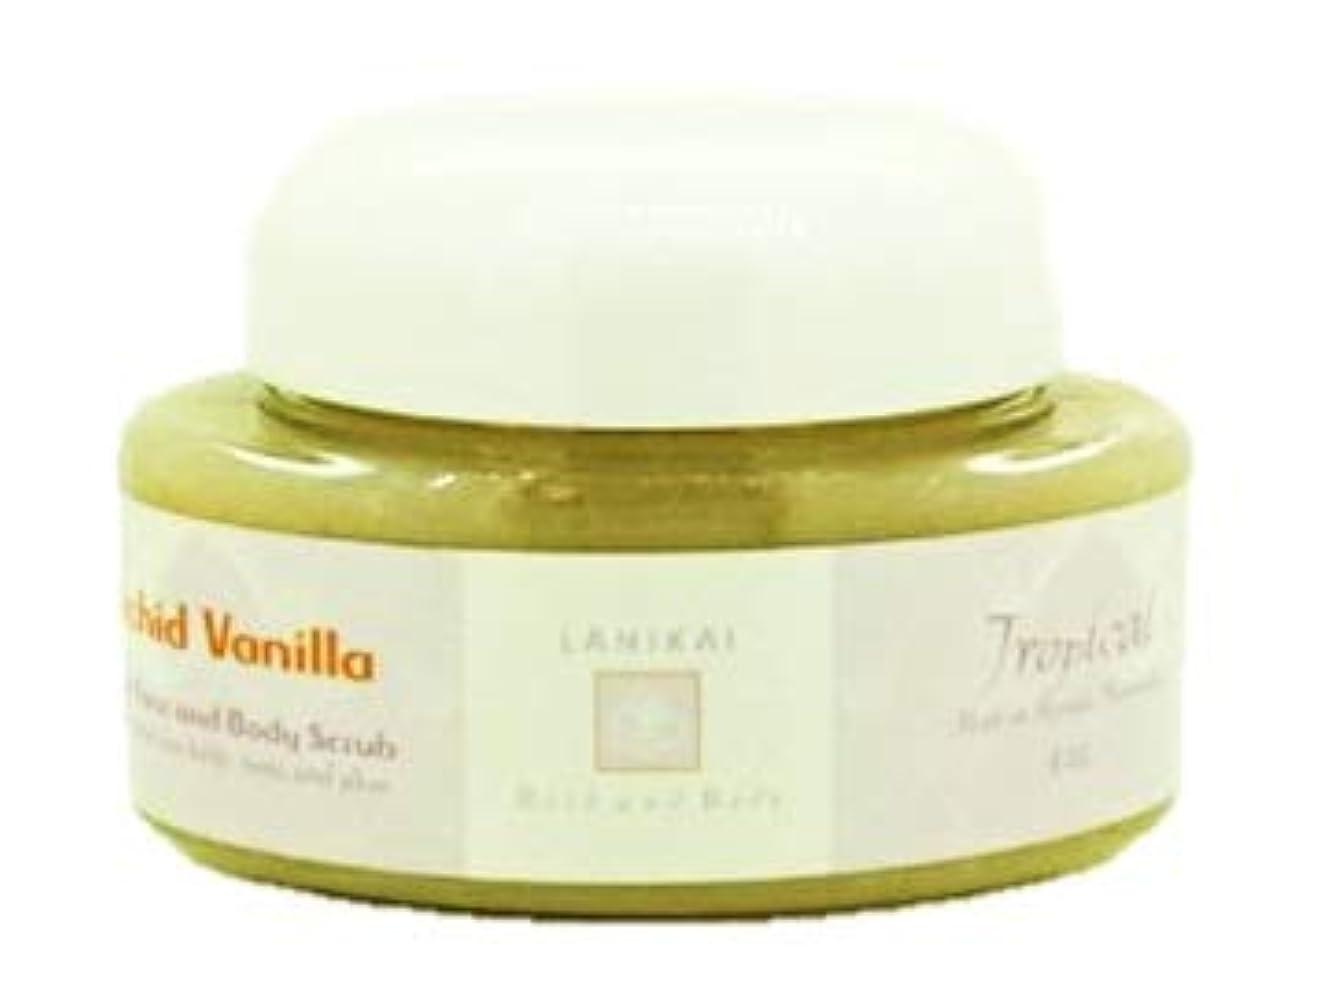 マット円形メーカーLANIKAI Orchid Vanilla Body Scrub ラニカイ オーキッドバニラ ボディスクラブ 4oz